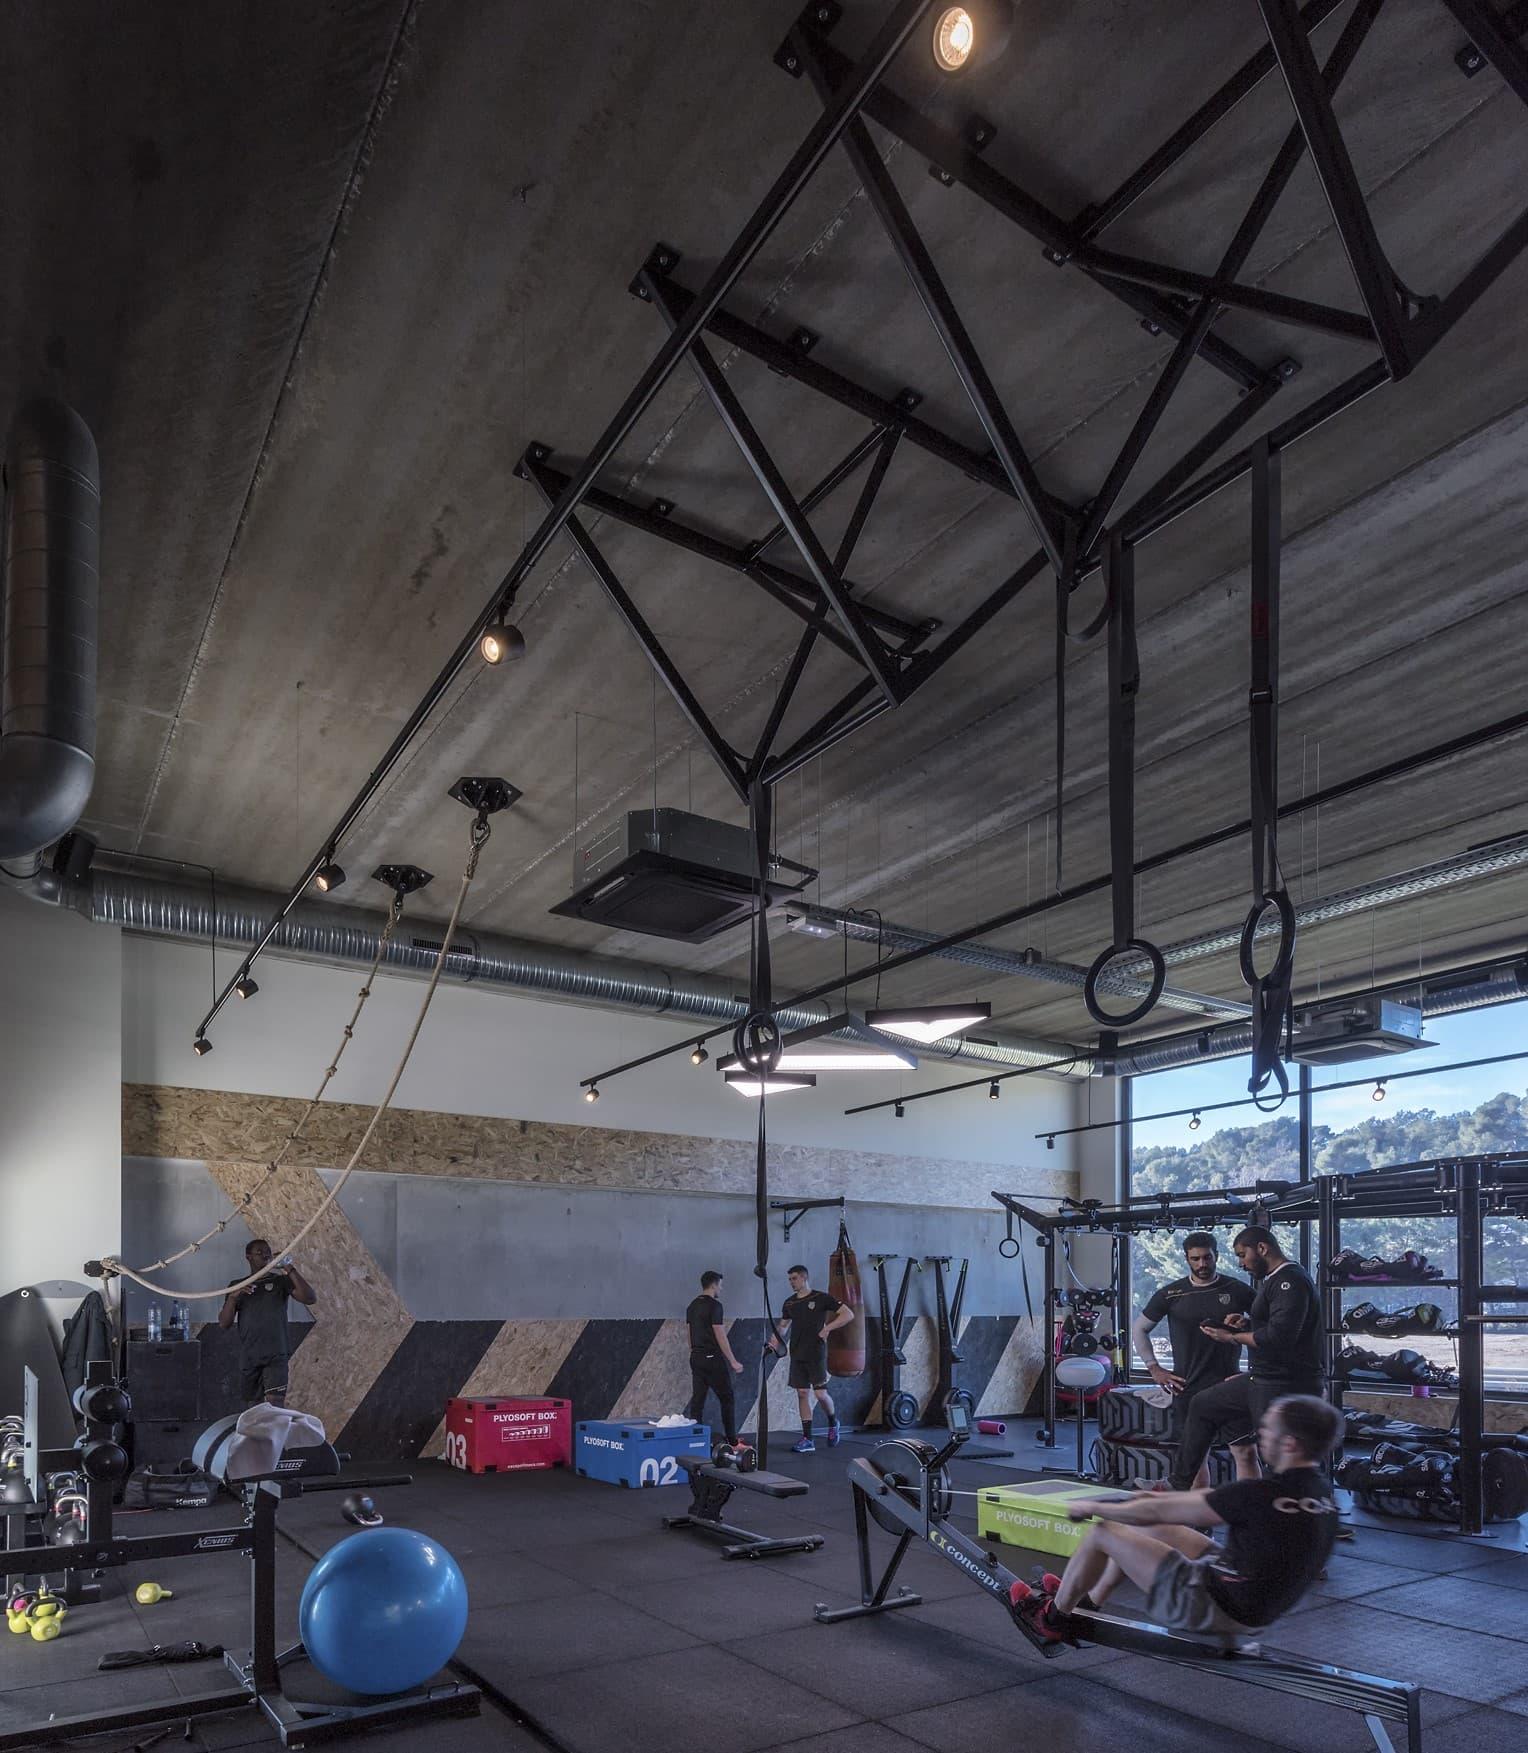 Suspensions en formes de triangle dans la salle de sport Métabolik